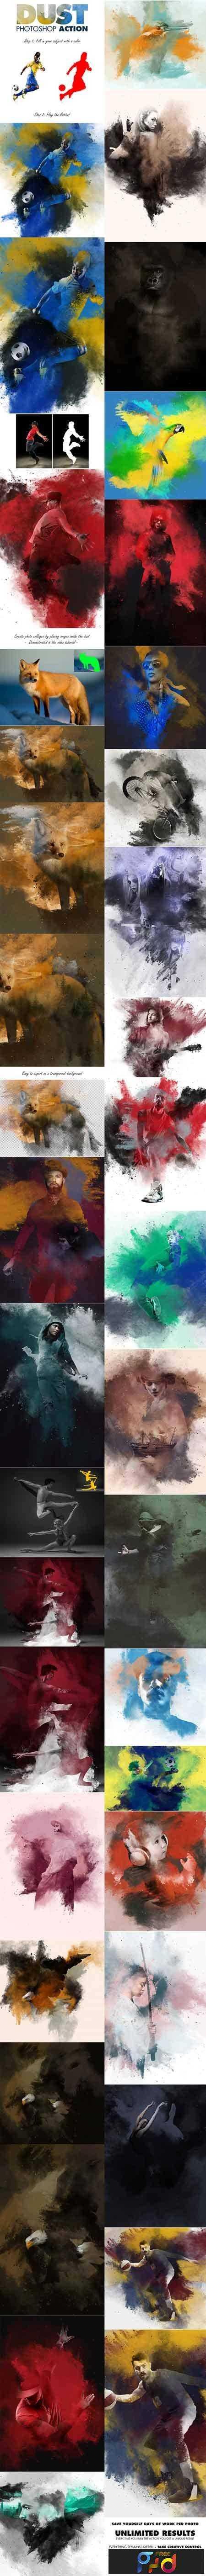 freepsdvn-com_1477621096_dust-photoshop-action-18118463